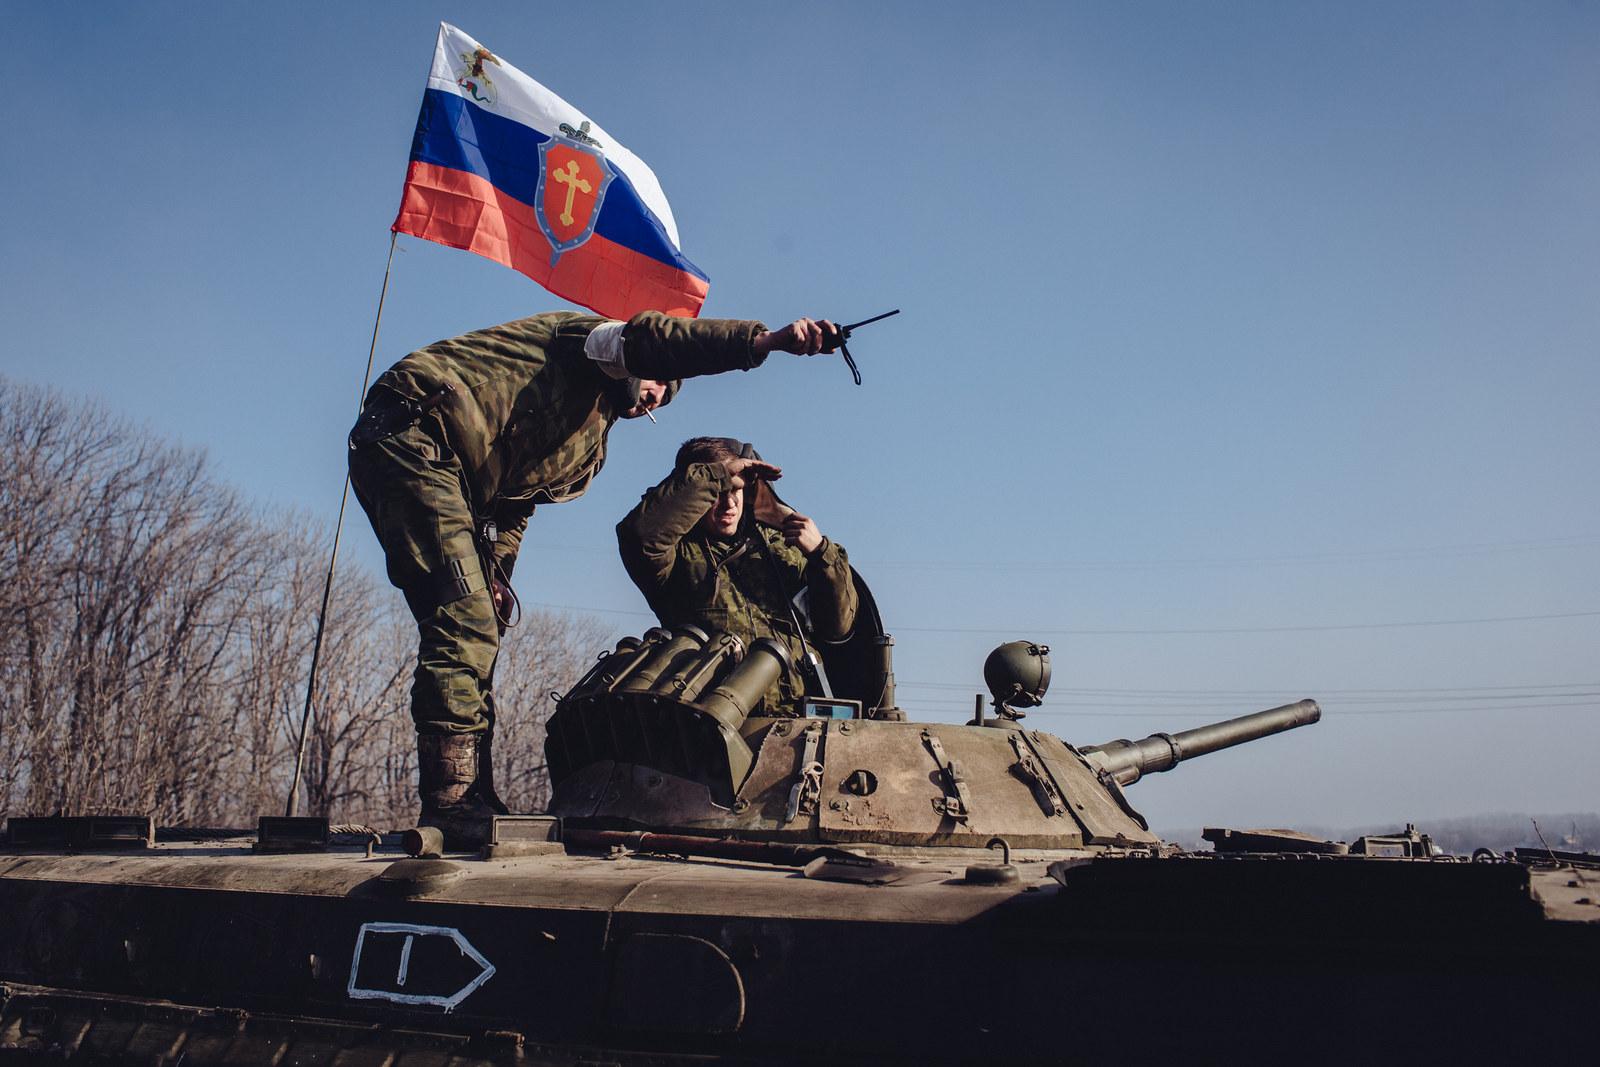 Combatientes del 'Ejército Ortodoxo Ruso' combaten en el Donbass, Ucrania | Foto: Max Avdeev / BuzzFeed News